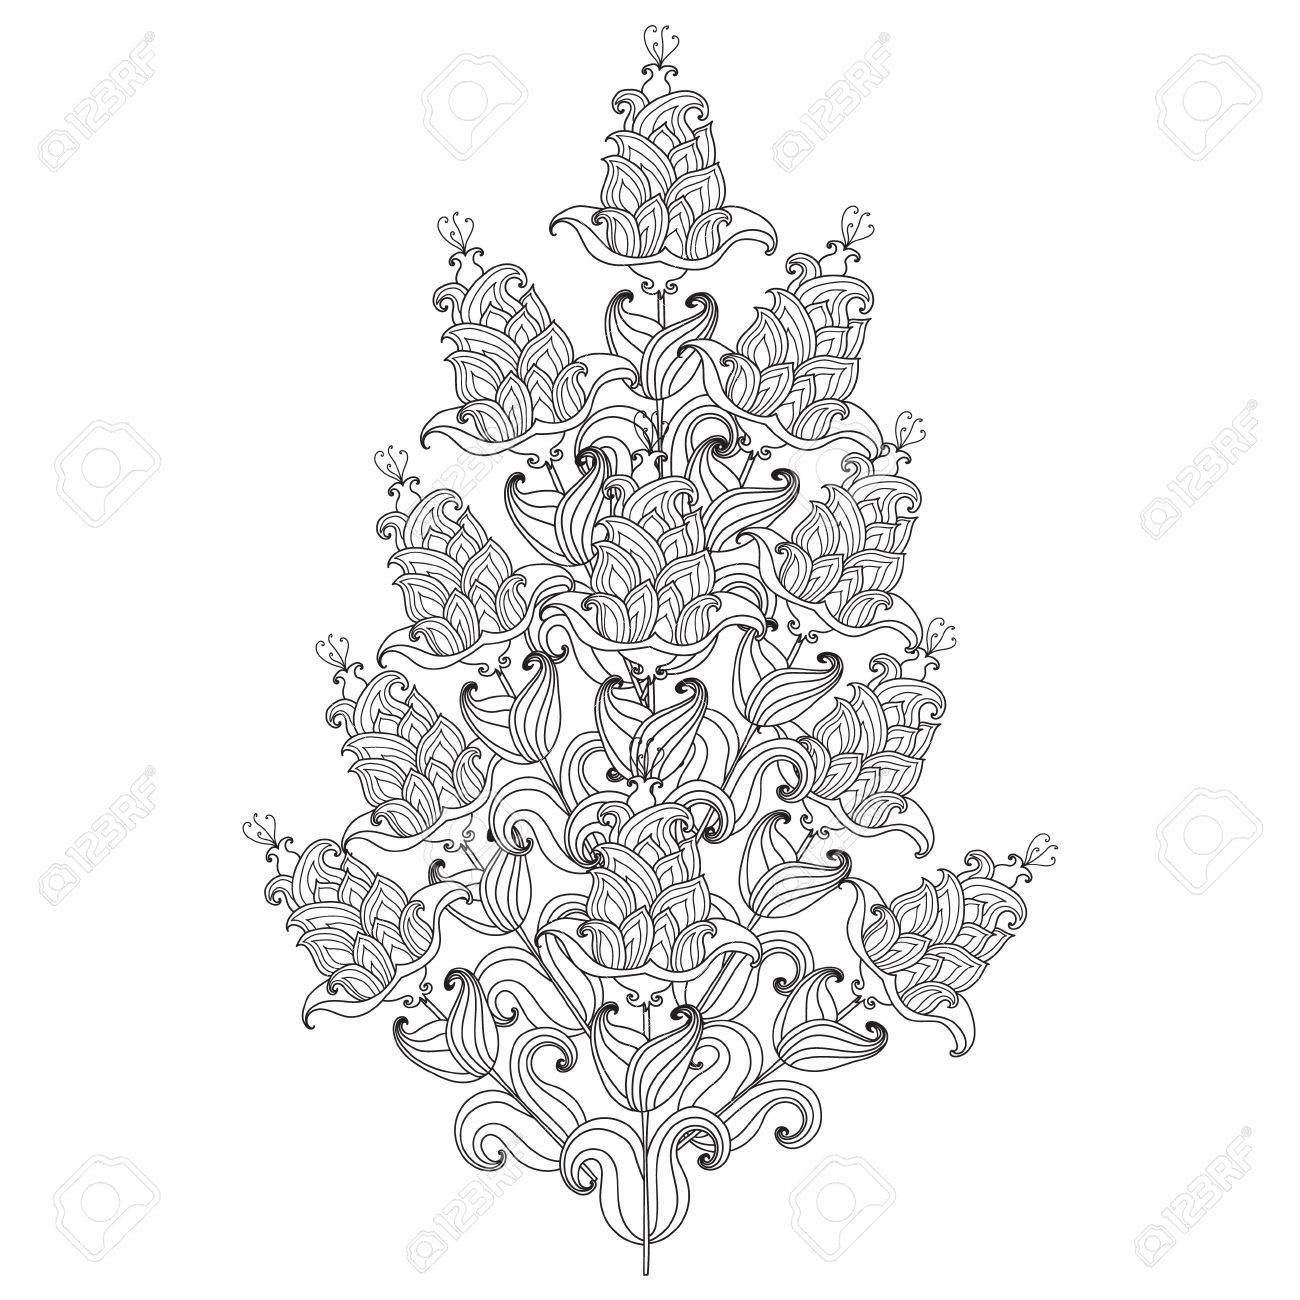 Croquis Fleur Noir Et Blanc Fleurs Décoratives Vectorielles Modèle Pour Pages à Colorier Pour Adultes Coloriage Dook Un Bouquet De Fleurs Avec